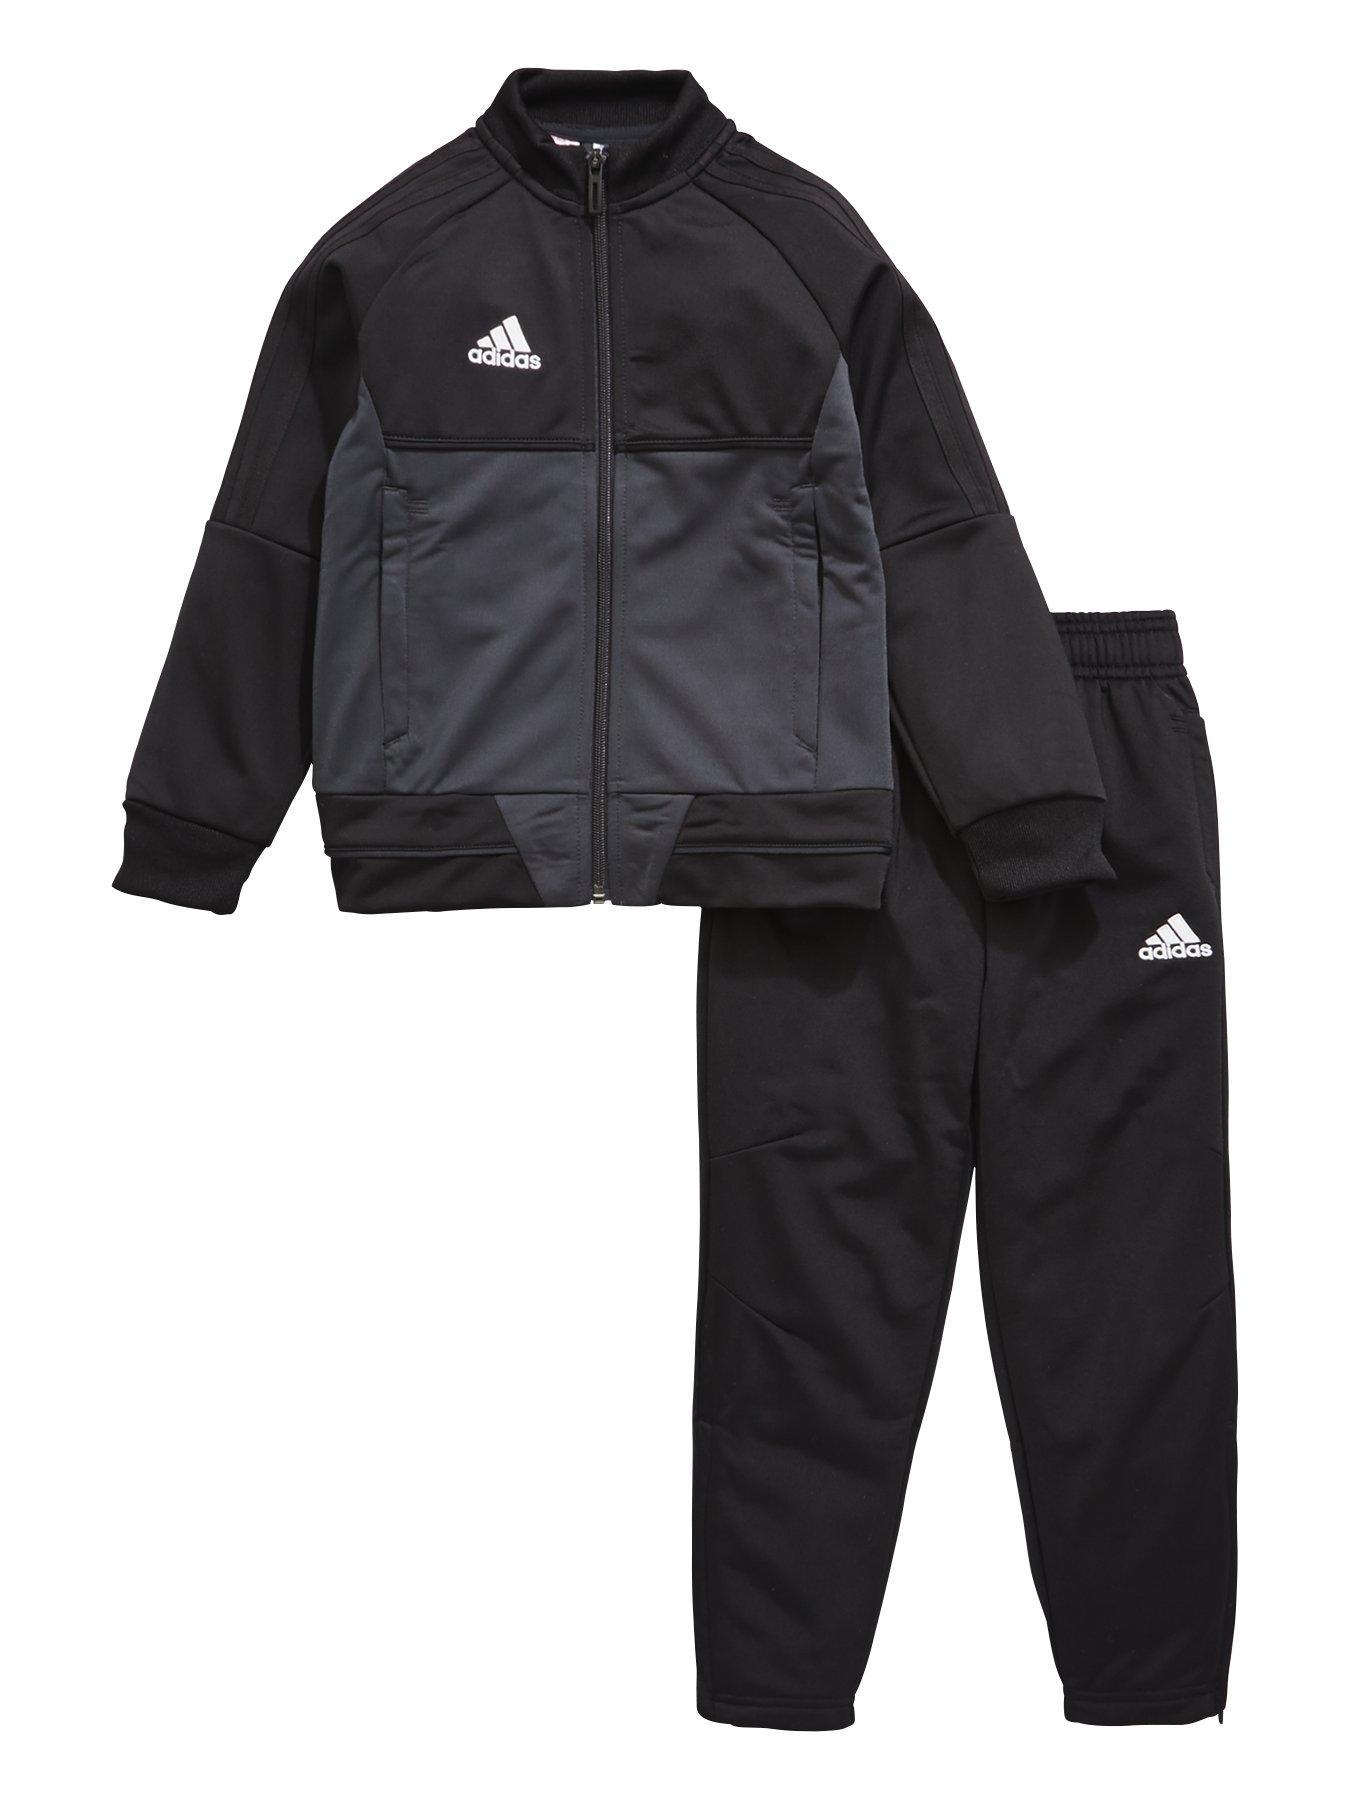 Buy Gt Adidas Baby Jacket